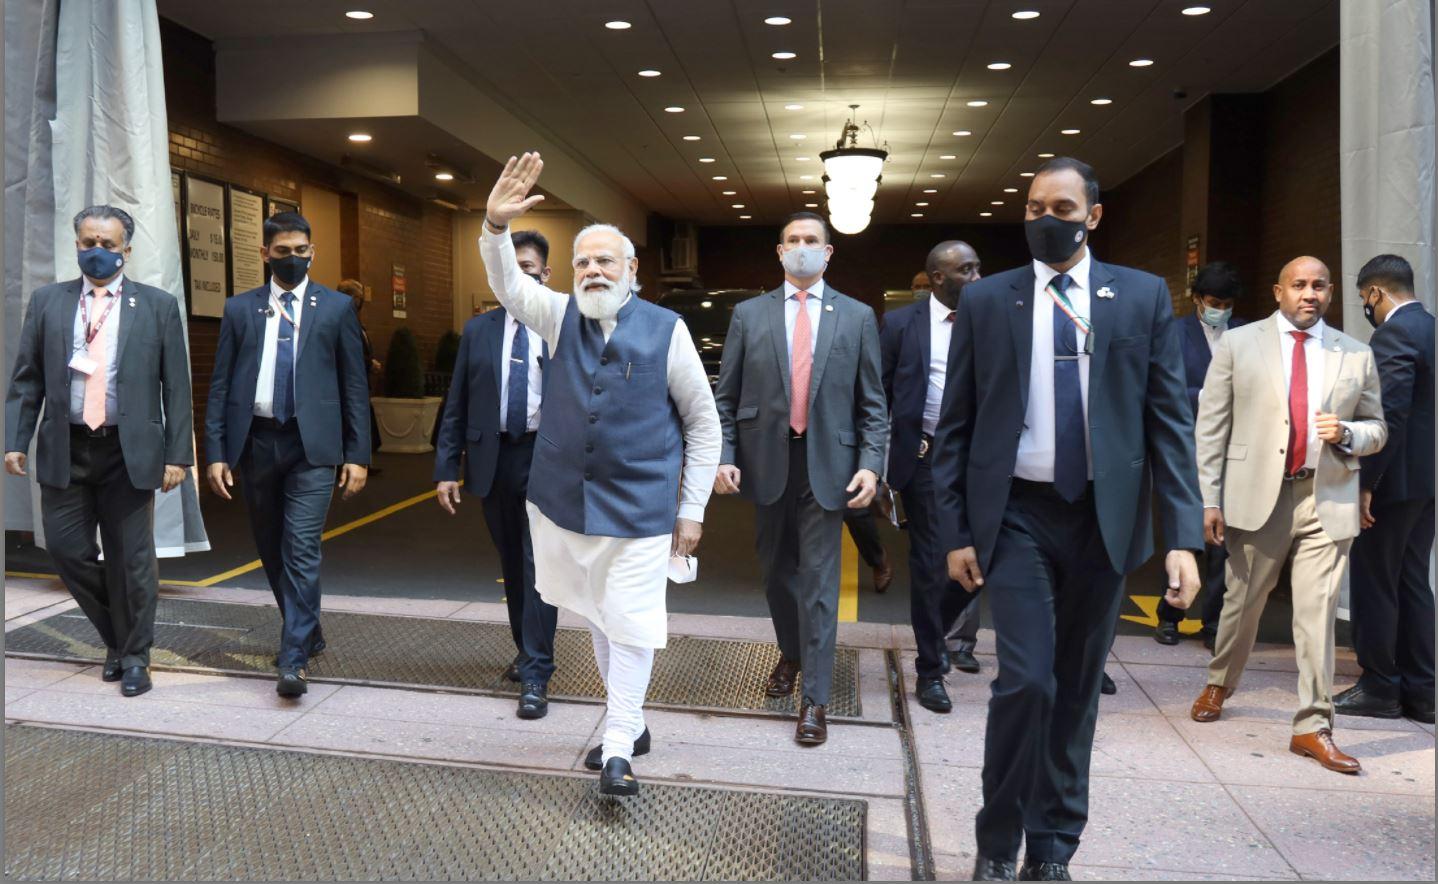 संयुक्त राष्ट्र महासभा में पीएम मोदी ने पाकिस्तान और चीन पर जोरदार हमला बोला,कहा आग लगाने वाला मुल्क है पाकिस्तान